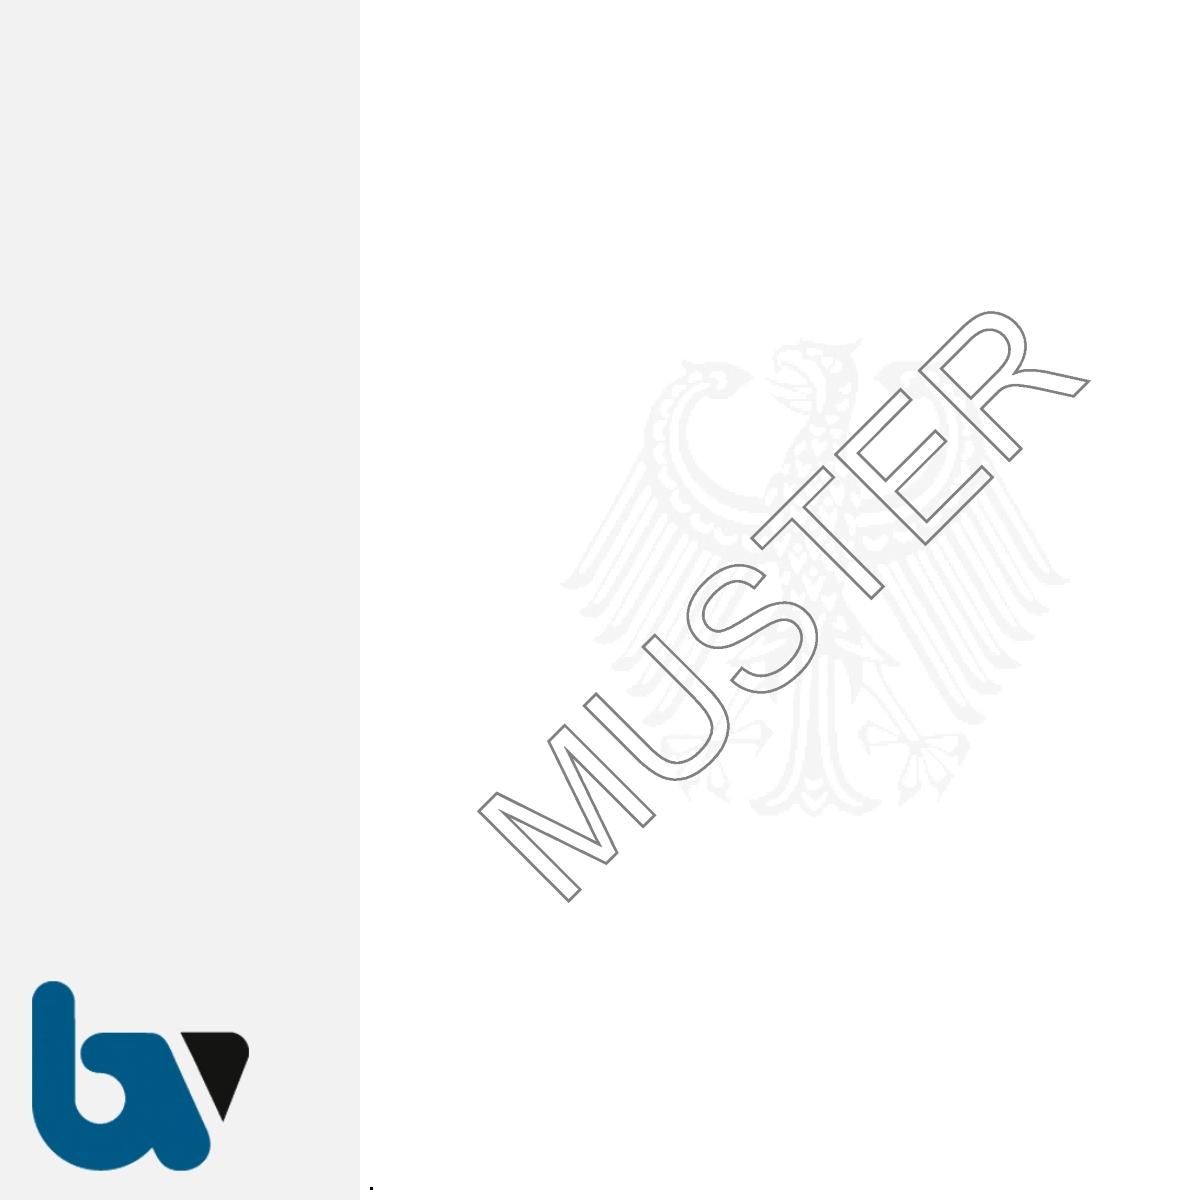 0/168-5ub Sicherheitspapier Standesamt Personenstand Urkunde Kopierschutz Scanschutz Dokument Security ungelocht Bundesadler Stammbuch DIN A4 | Borgard Verlag GmbH